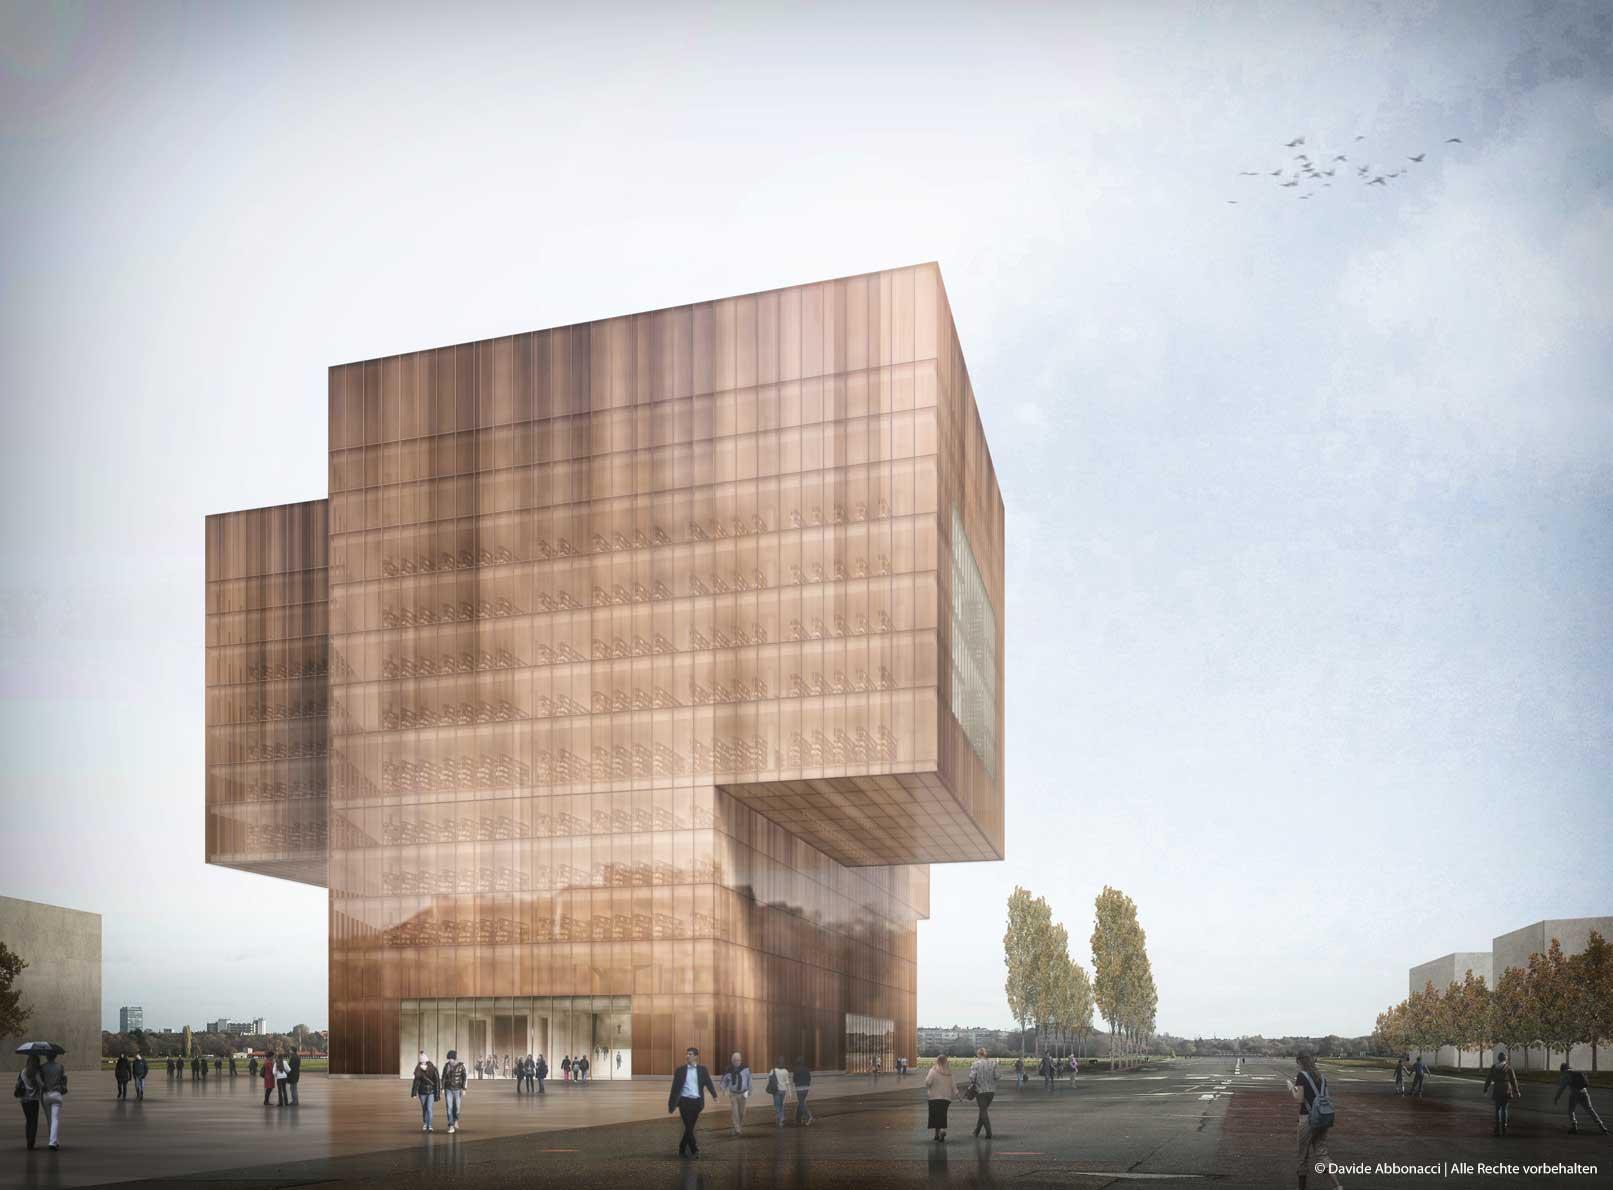 Neubau Zentral- und Landesbibliothek, Berlin Tempelhof-Schöneberg   Max Dudler Architekt   2013 Wettbewerbsvisualisierung   3. Preis